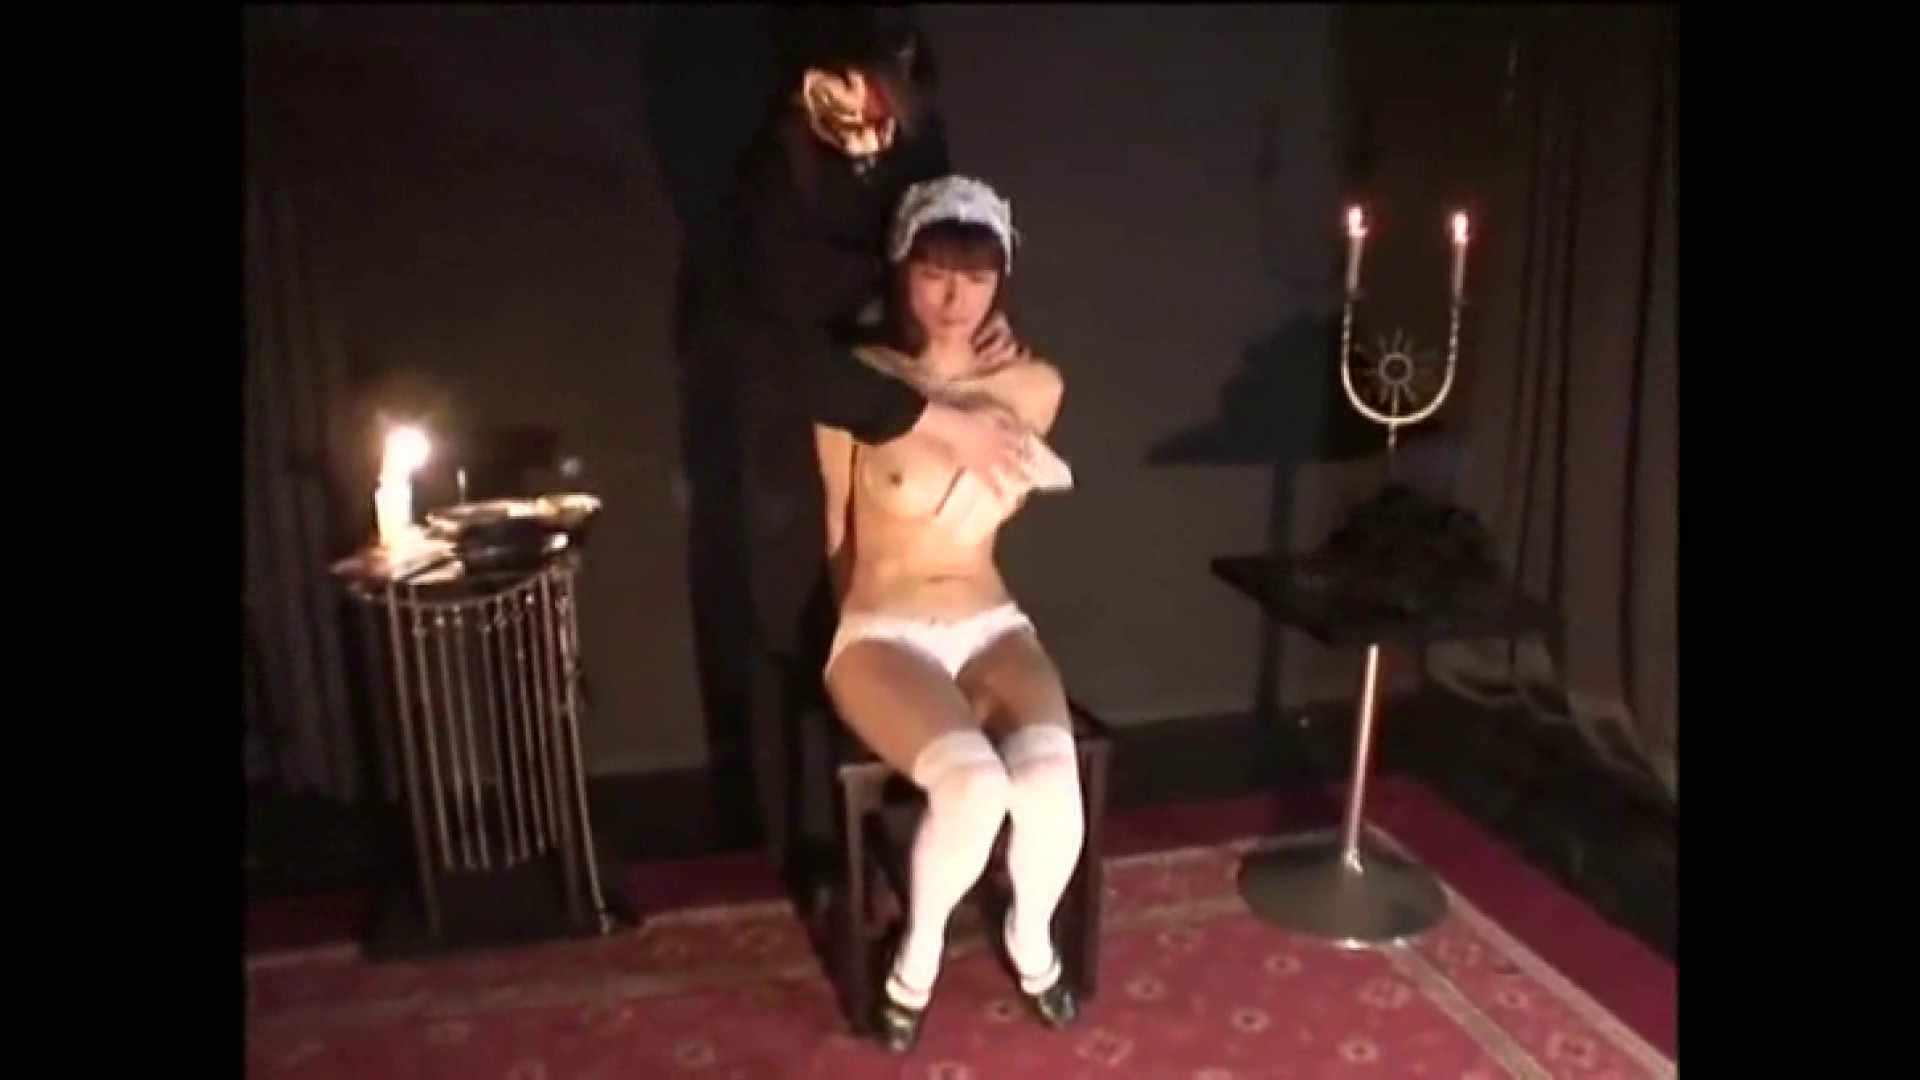 もっと衝撃的な刺激が欲しいの Vol.01 悪戯 ヌード画像 81pic 2